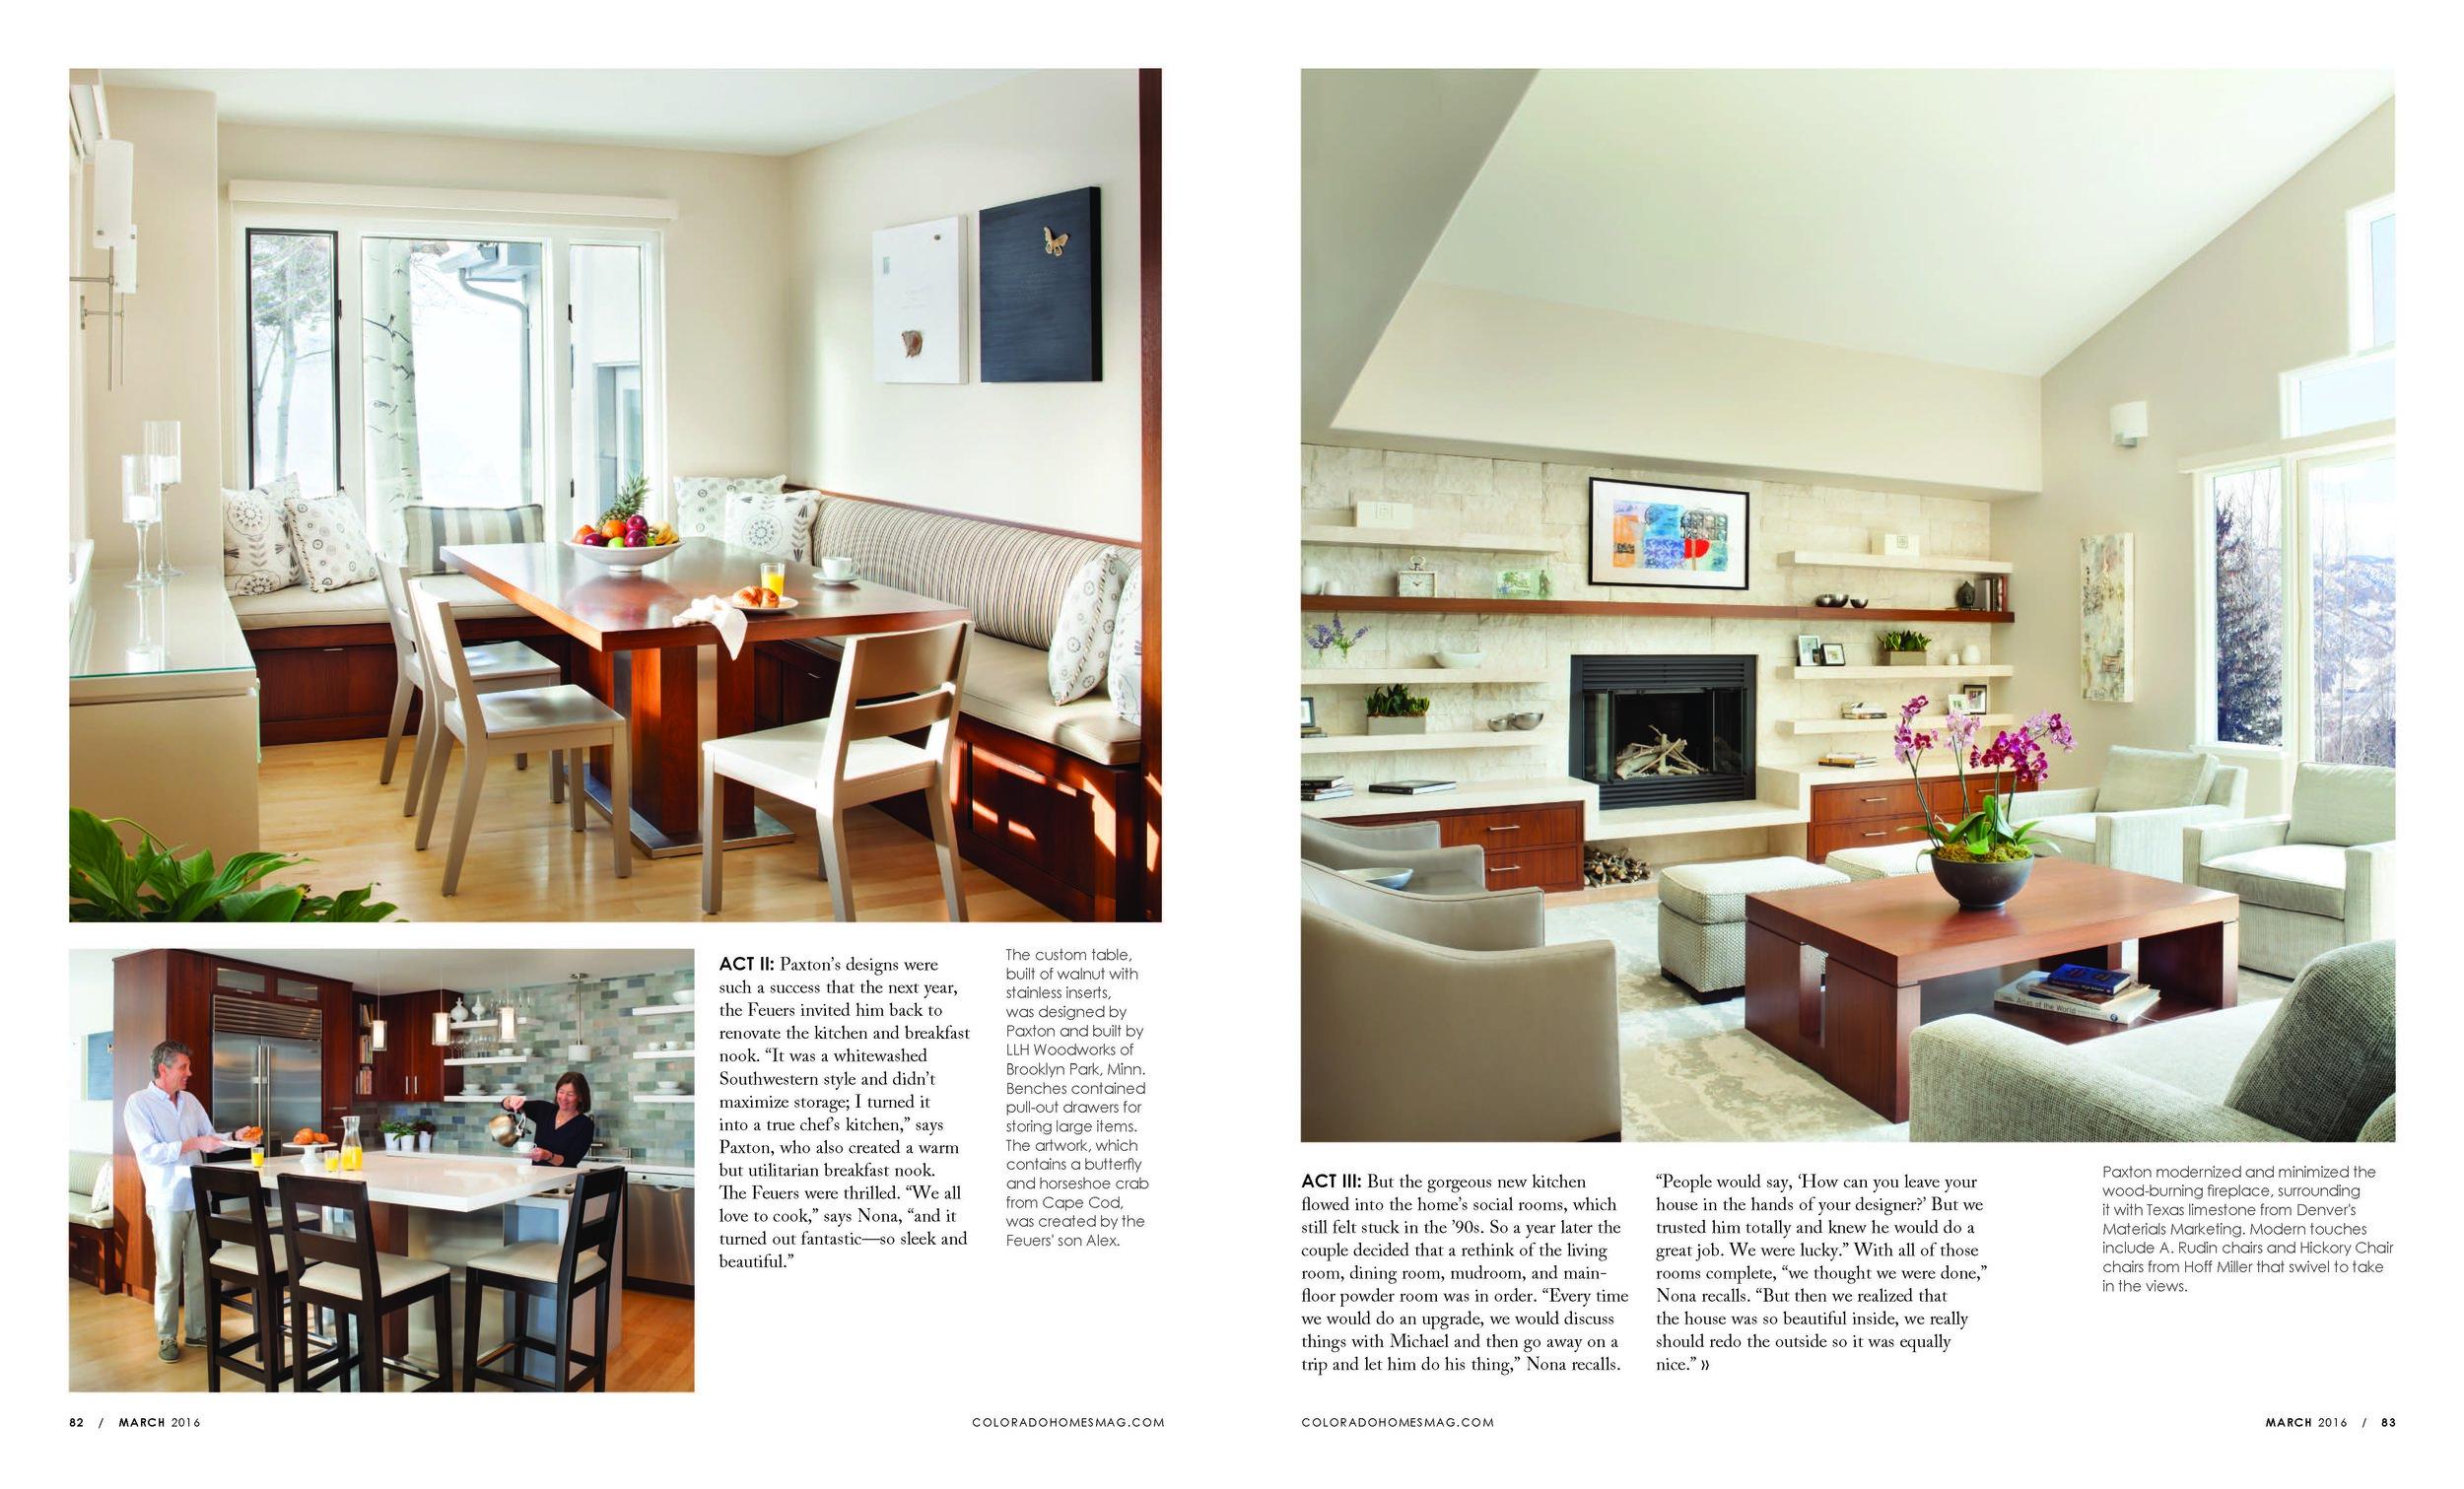 Colorado home article 2_Page_2.jpg